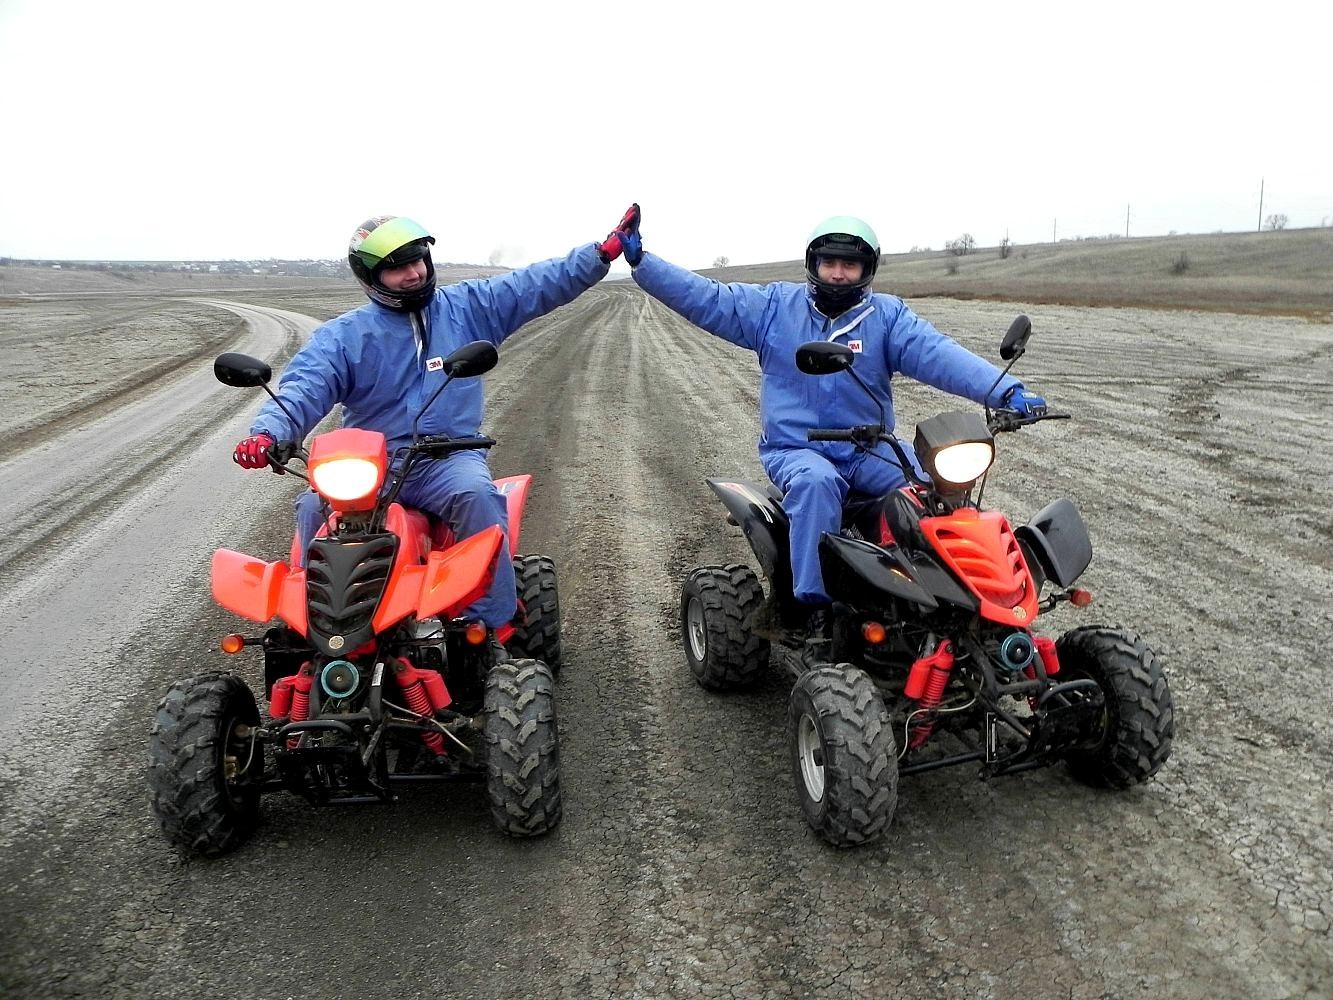 Прокат квадроциклов в Подмосковье